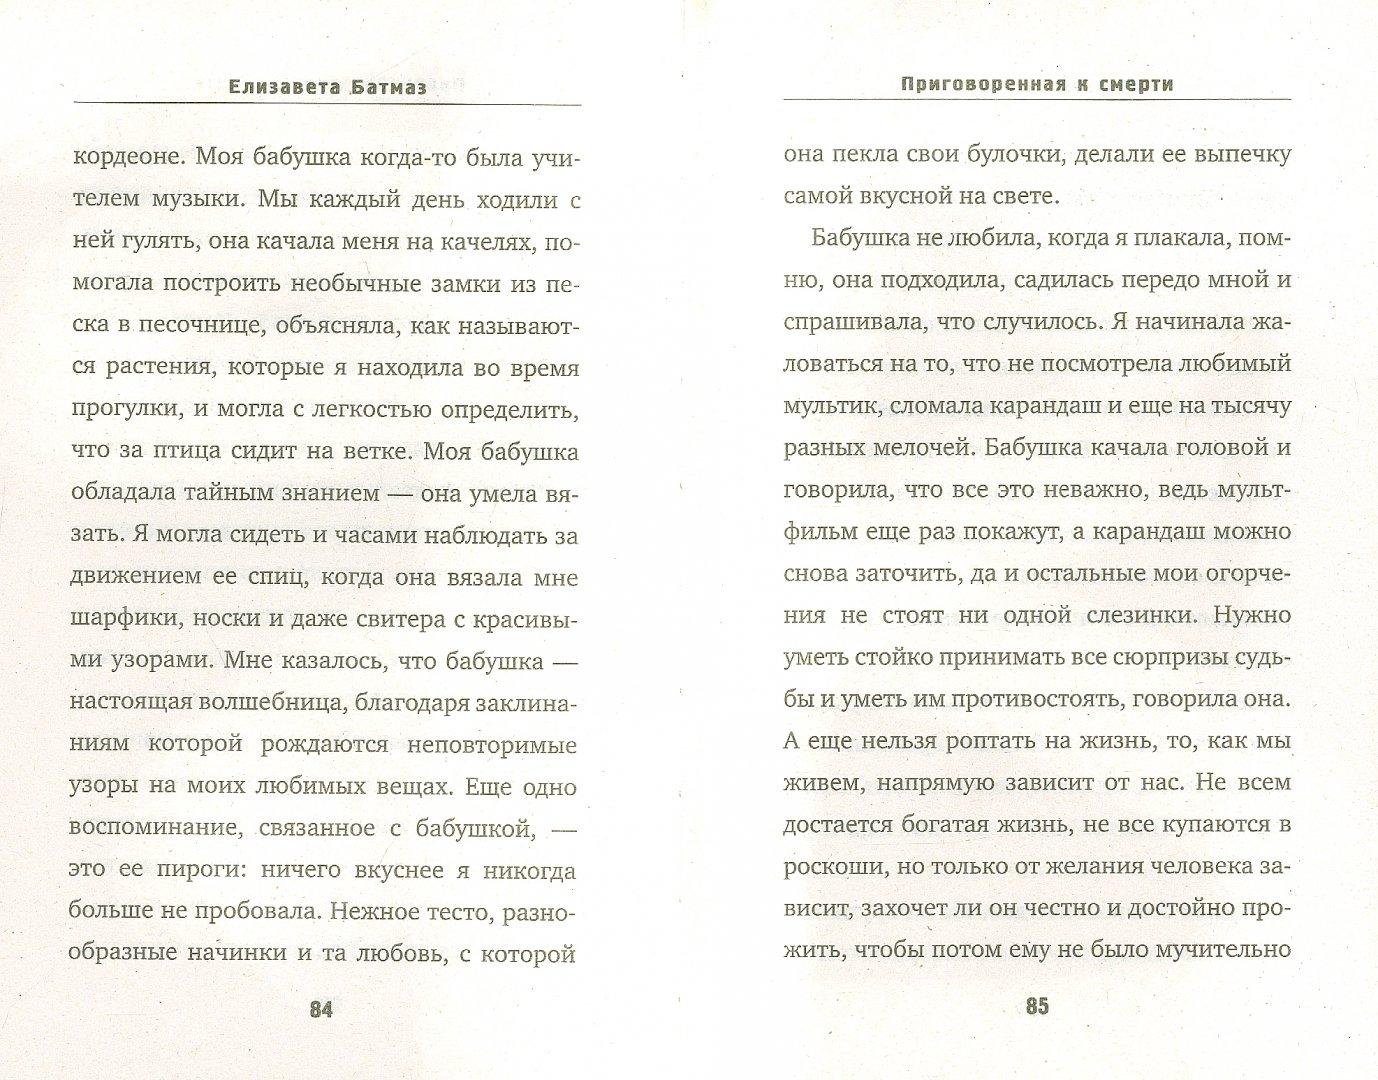 Иллюстрация 1 из 8 для Приговоренная к смерти. Выжить любой ценой - Елизавета Батмаз | Лабиринт - книги. Источник: Лабиринт